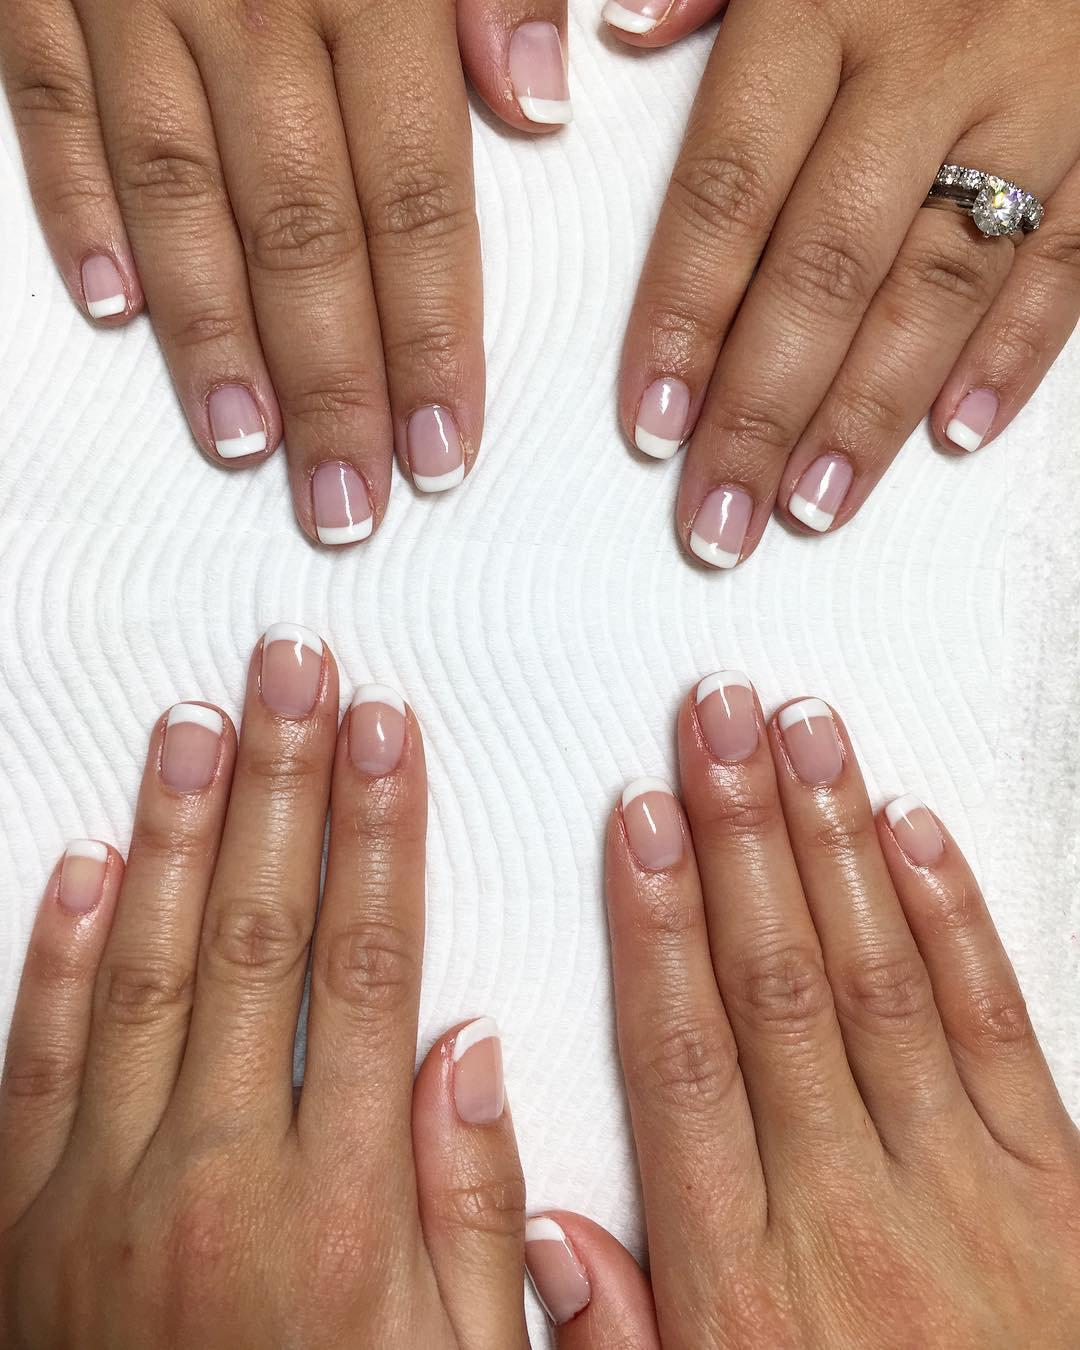 French / Colour Gel polish